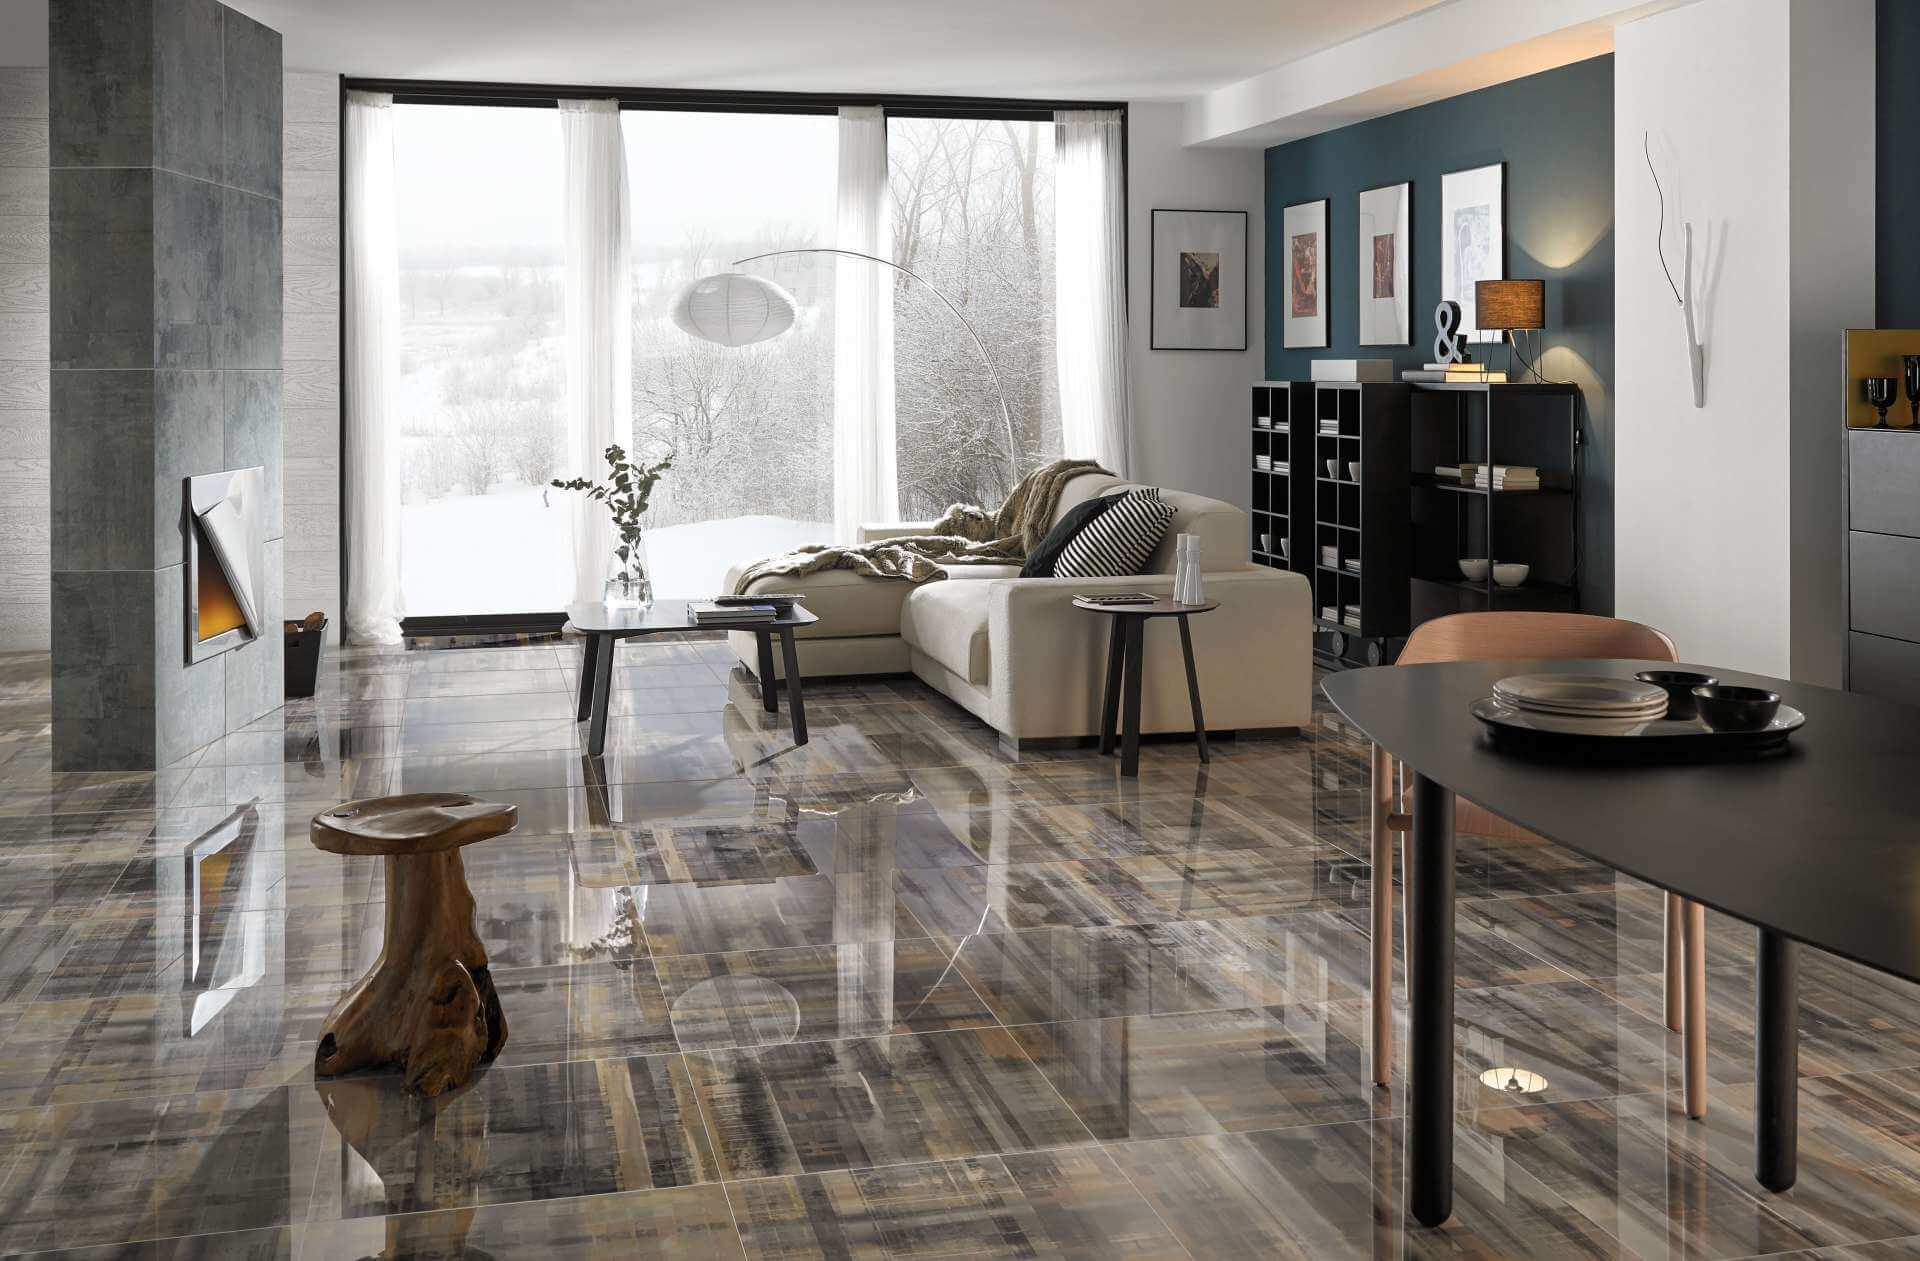 Плитка в гостиной на полу (46 фото): как выбрать напольную керамическую плитку в зал, красивые решения в дизайне интерьера